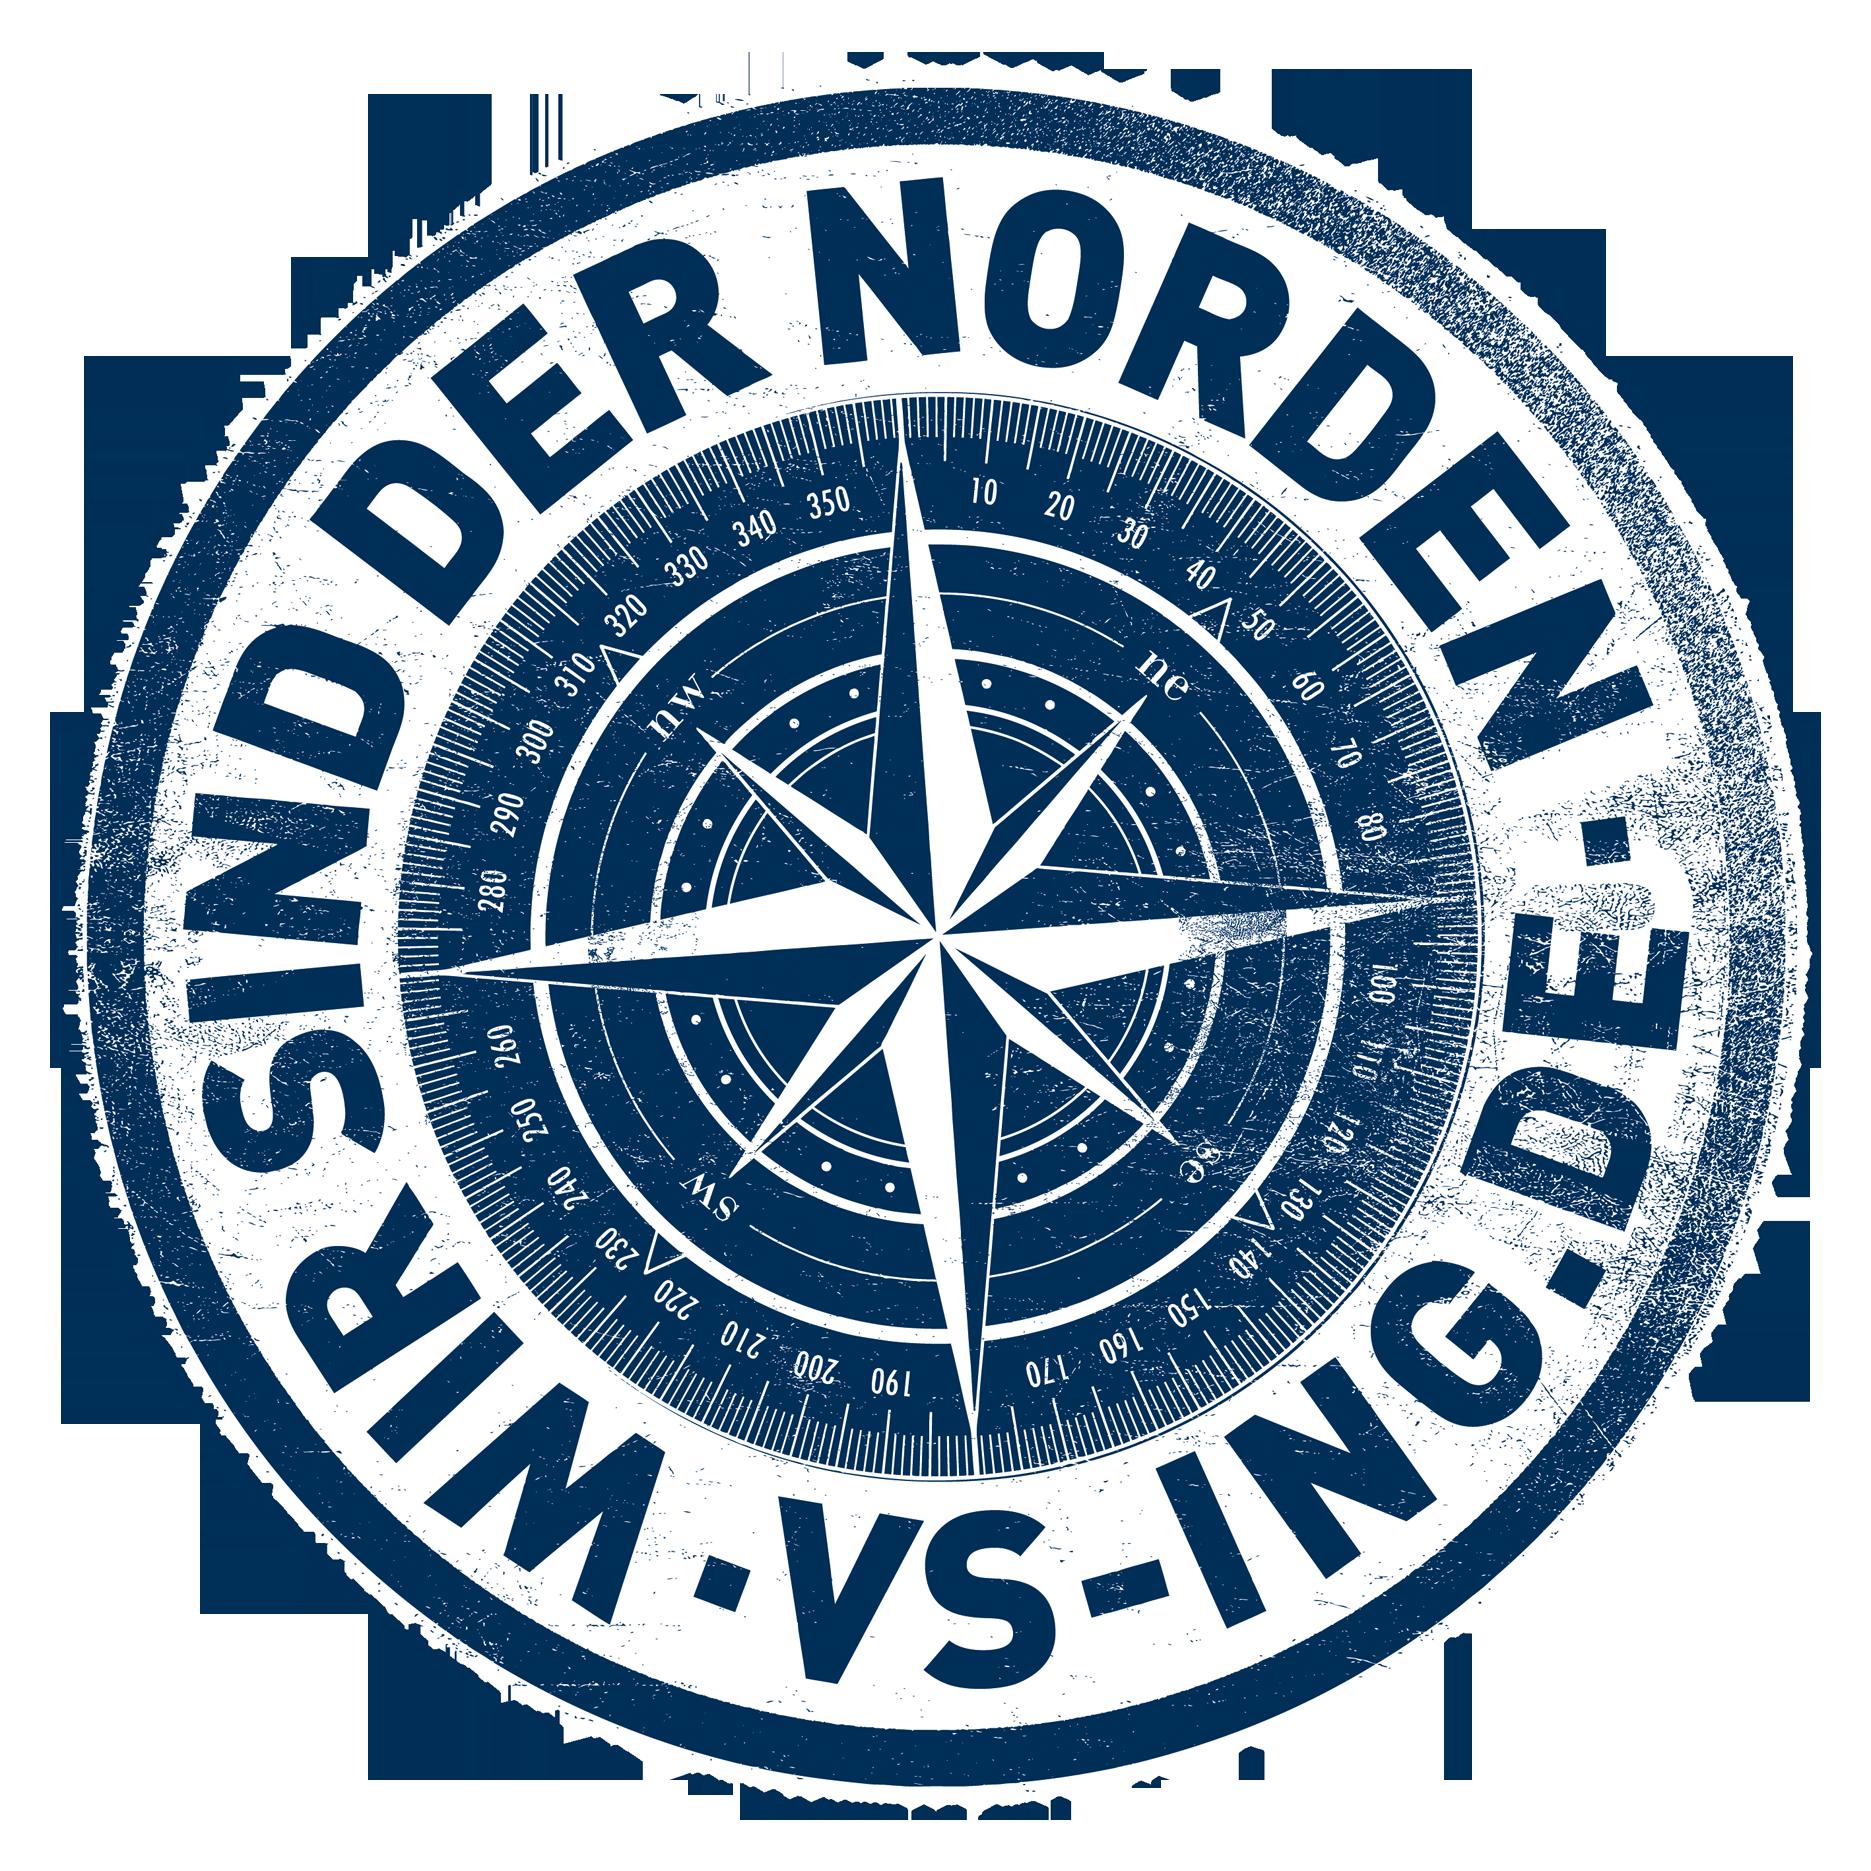 Der Norden sind Wir Immobilienmakler Hamburg Immobilienmakler Elmshorn Verkauf WOhnung